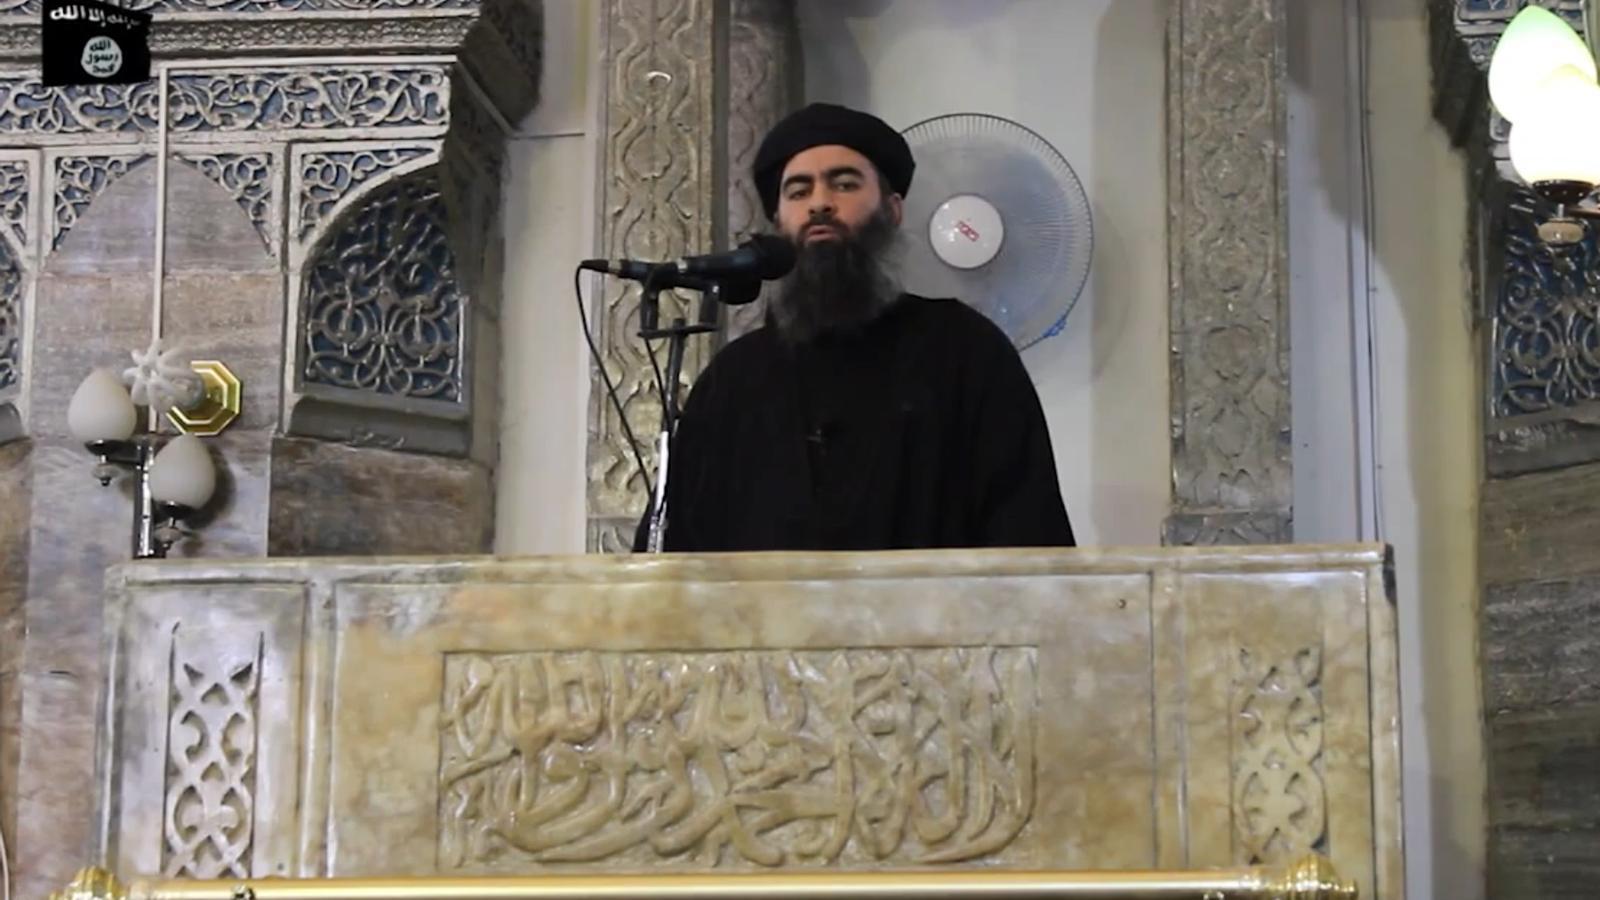 Les set vides del cap de l'Estat Islàmic